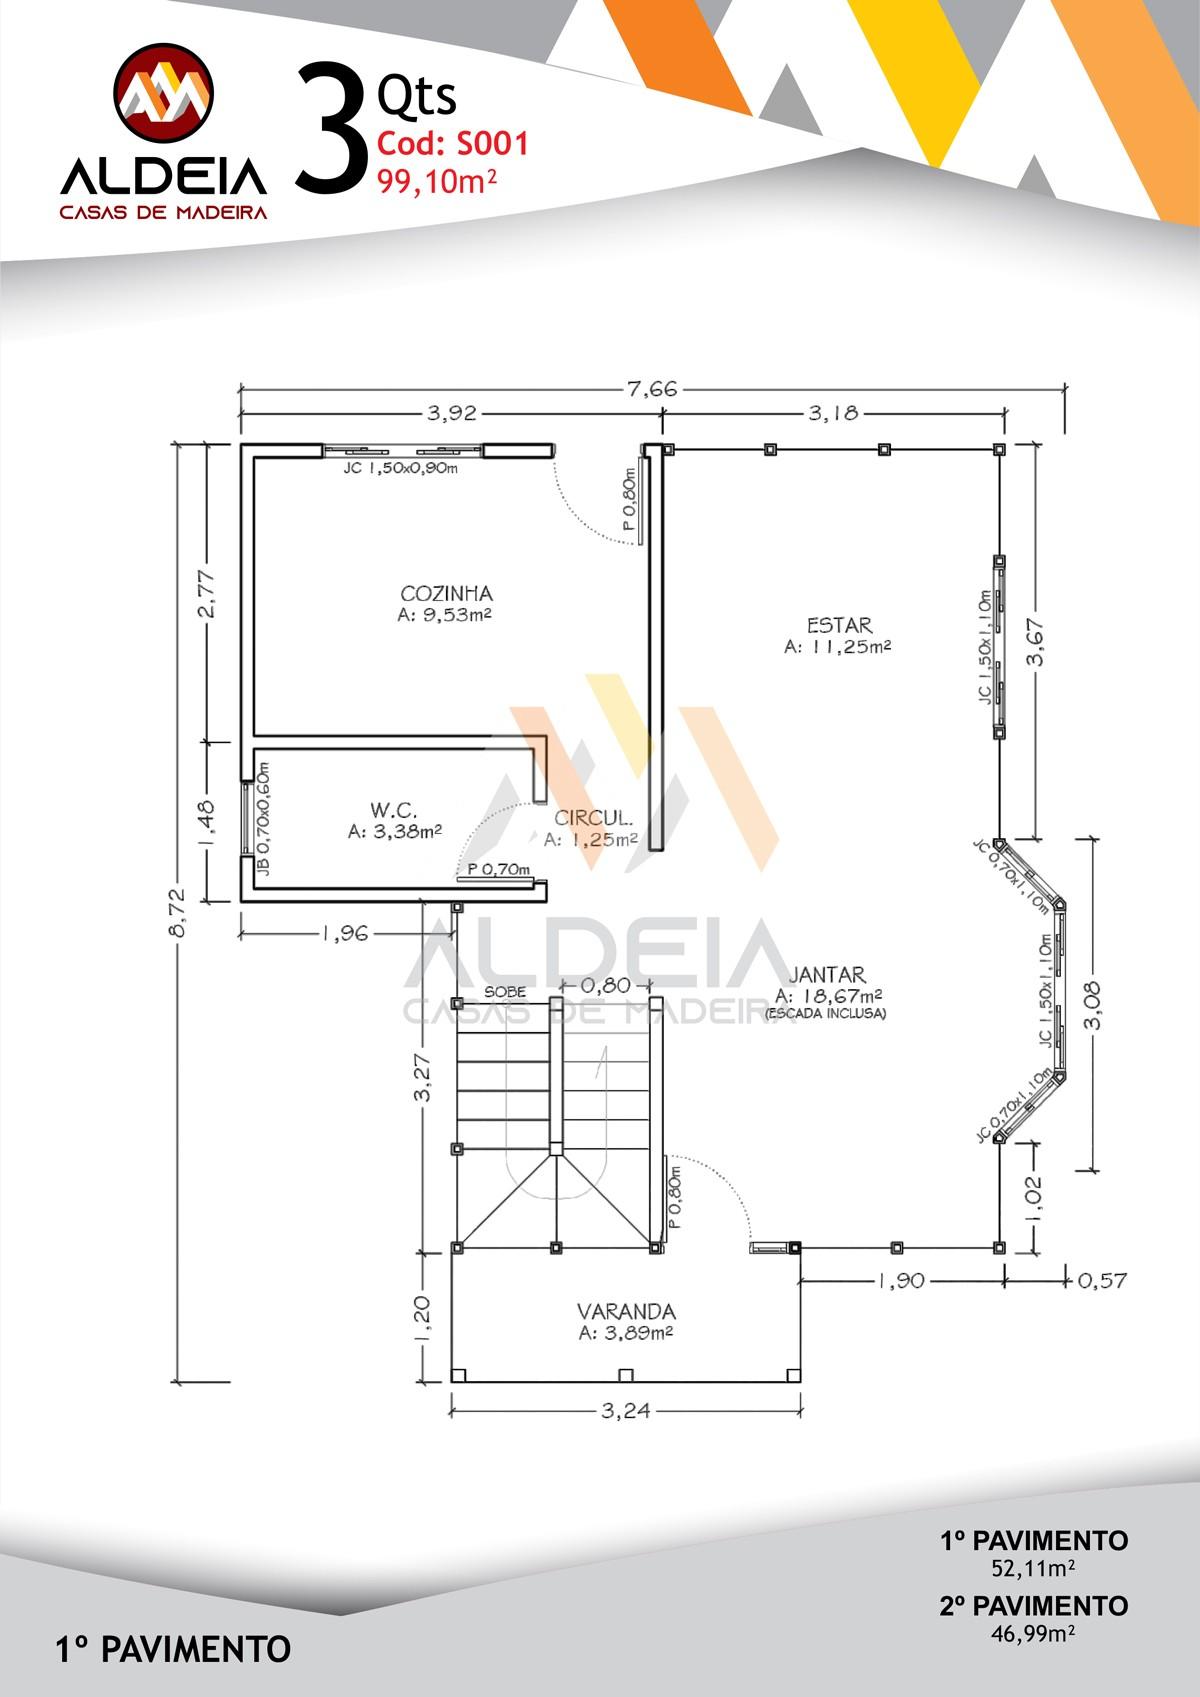 aldeia-casas-madeira-arquitetura-S001-1